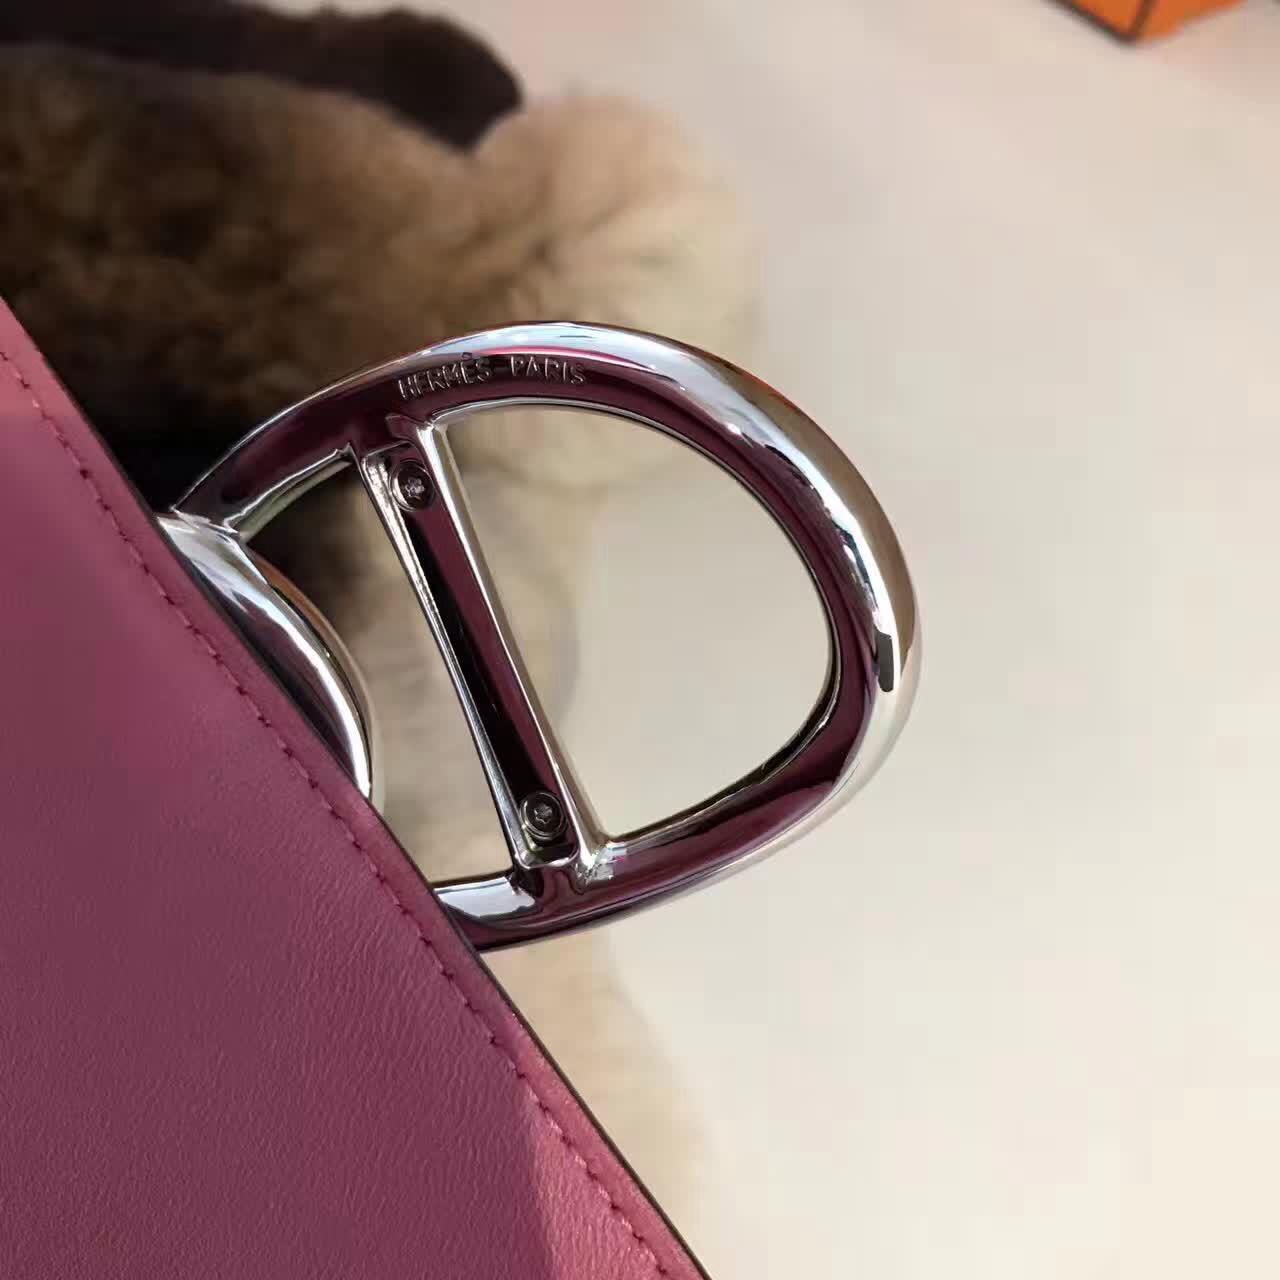 广州爱玛皮具 爱马仕期待已久的日扣手包 BOX皮全手工